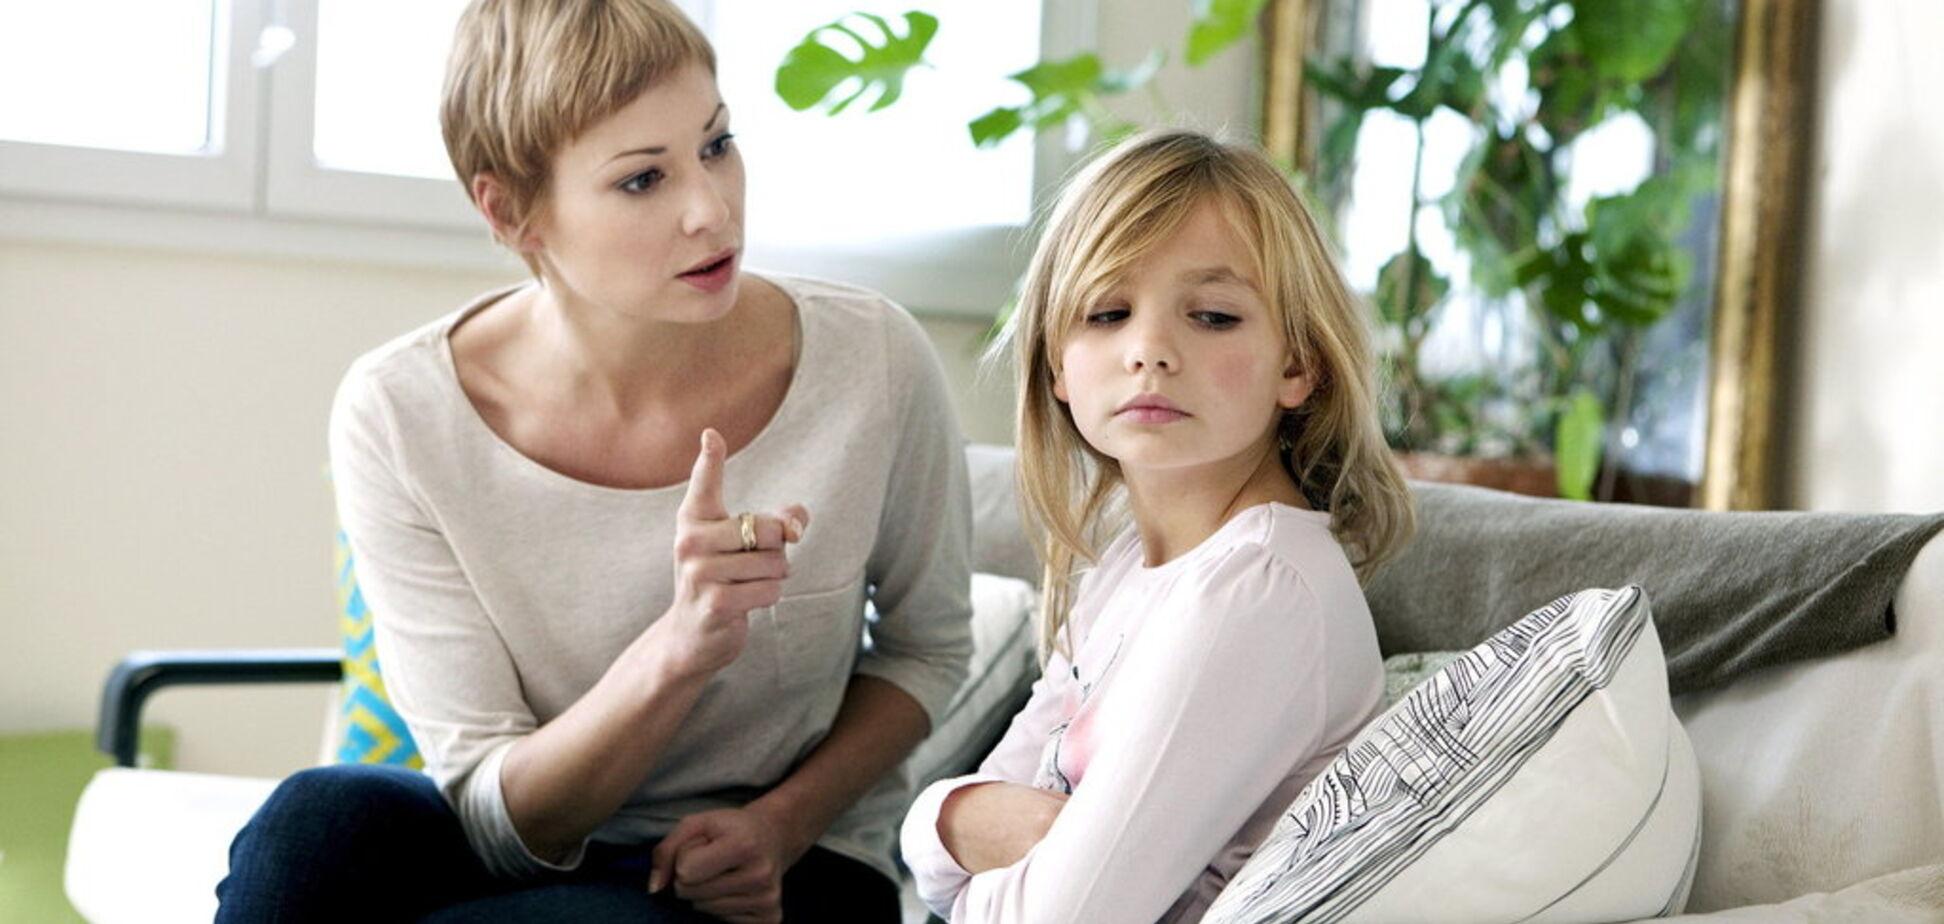 ''Виховувати дітей не потрібно'': психолог дала несподівану пораду батькам